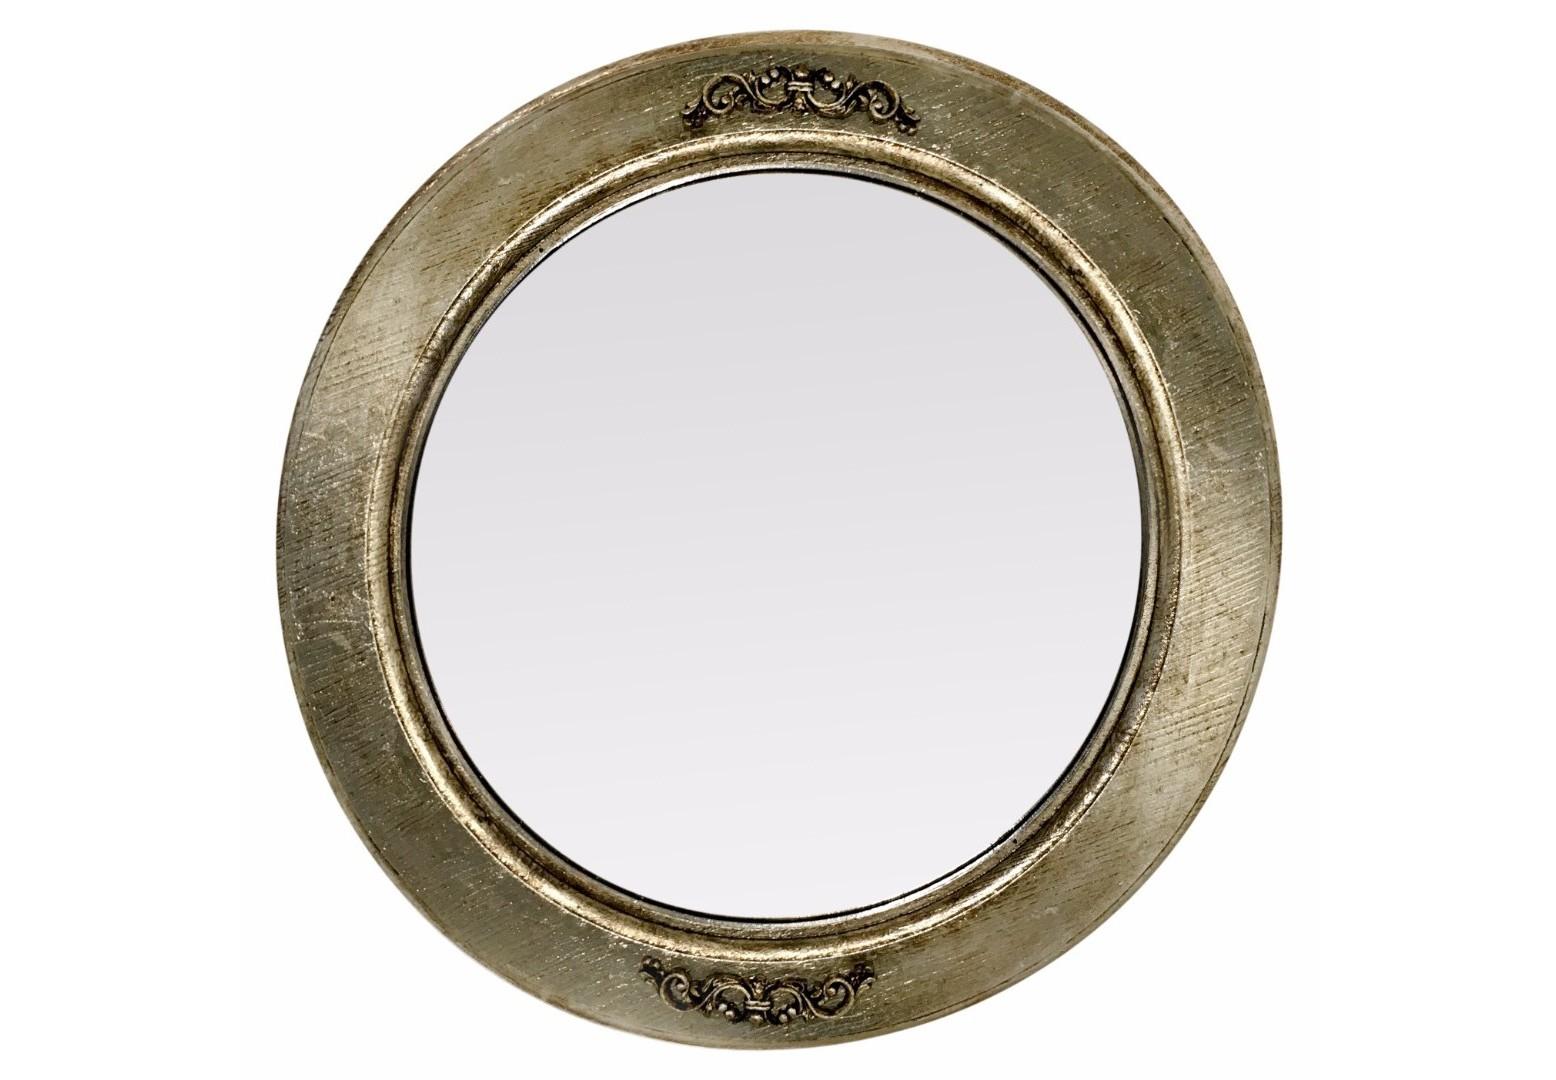 Зеркало MargotНастенные зеркала<br>Коллекции B-Home – это дизайнерские зеркала, зеркальная мебель и предметы интерьера. Все изделия от и до мы создаем сами в нашей мастерской. Каждое – это уникальное произведение, арт-объект со своей историей и мелодией. Мы следим за современными трендами, лично отбираем лучшие материалы и каждый день трудимся над созданием новых шедевров, которые будут радовать вас. Если вы ищете что-то действительно качественное, стоящее и эксклюзивное, что сделано с душой и руками человека, B-Home придется вам по вкусу!&amp;lt;div&amp;gt;&amp;lt;br&amp;gt;&amp;lt;/div&amp;gt;&amp;lt;div&amp;gt;Возможно изготовление по Вашим цветам и размерам.&amp;lt;/div&amp;gt;&amp;lt;div&amp;gt;Материал: массив дерева.&amp;lt;/div&amp;gt;<br><br>Material: Дерево<br>Глубина см: 5.0